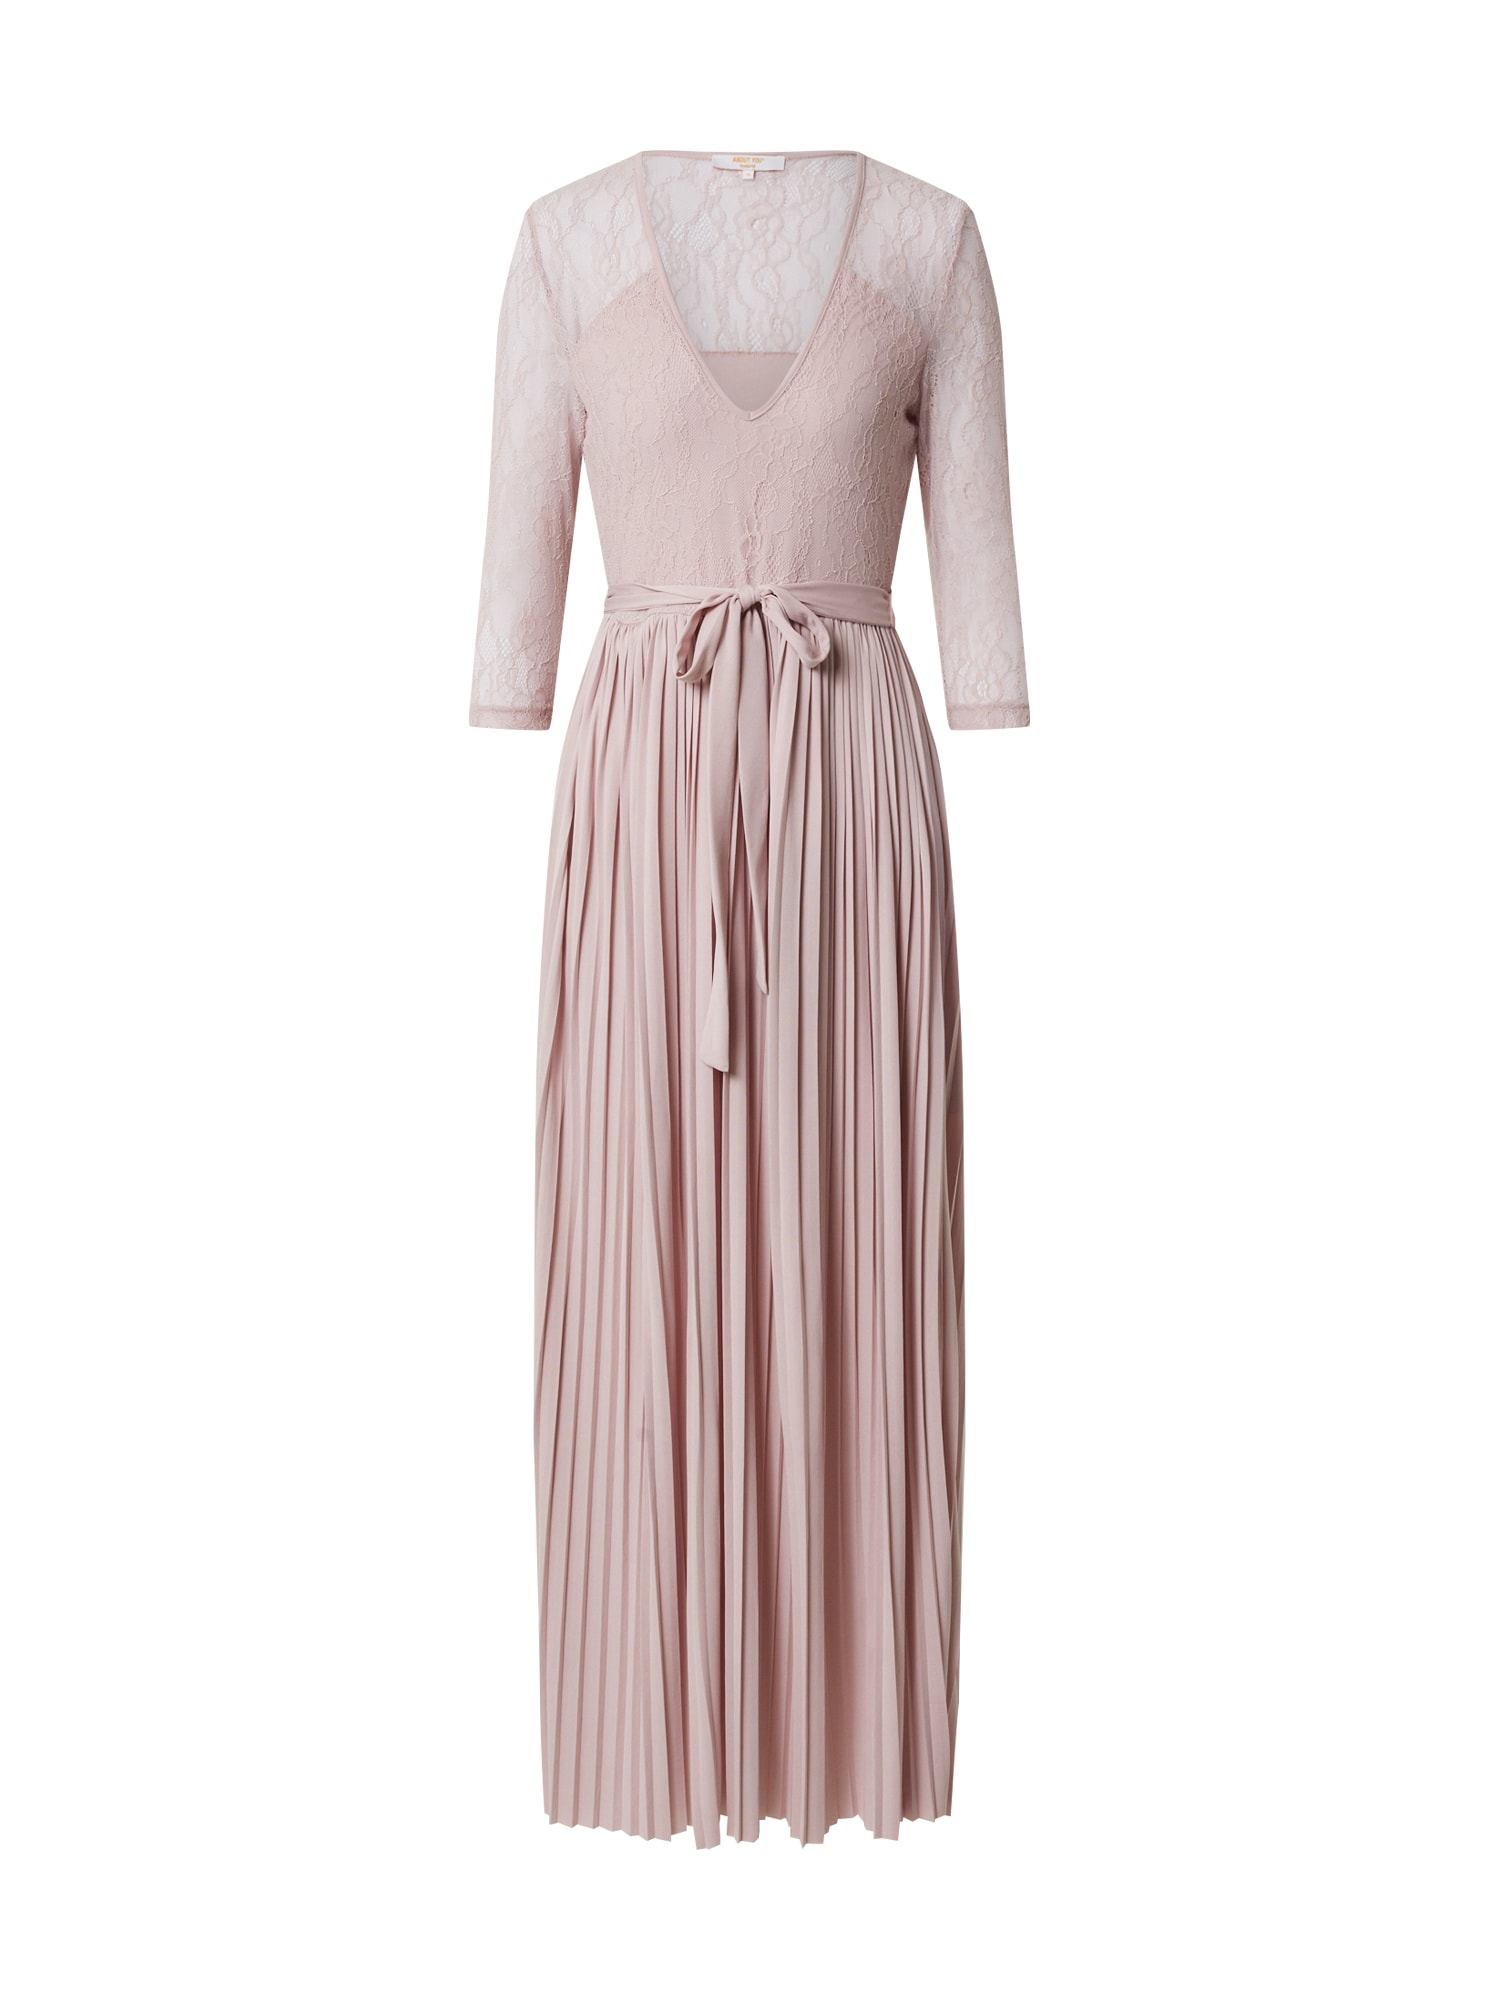 ABOUT YOU Vakarinė suknelė 'Camille' ryškiai rožinė spalva